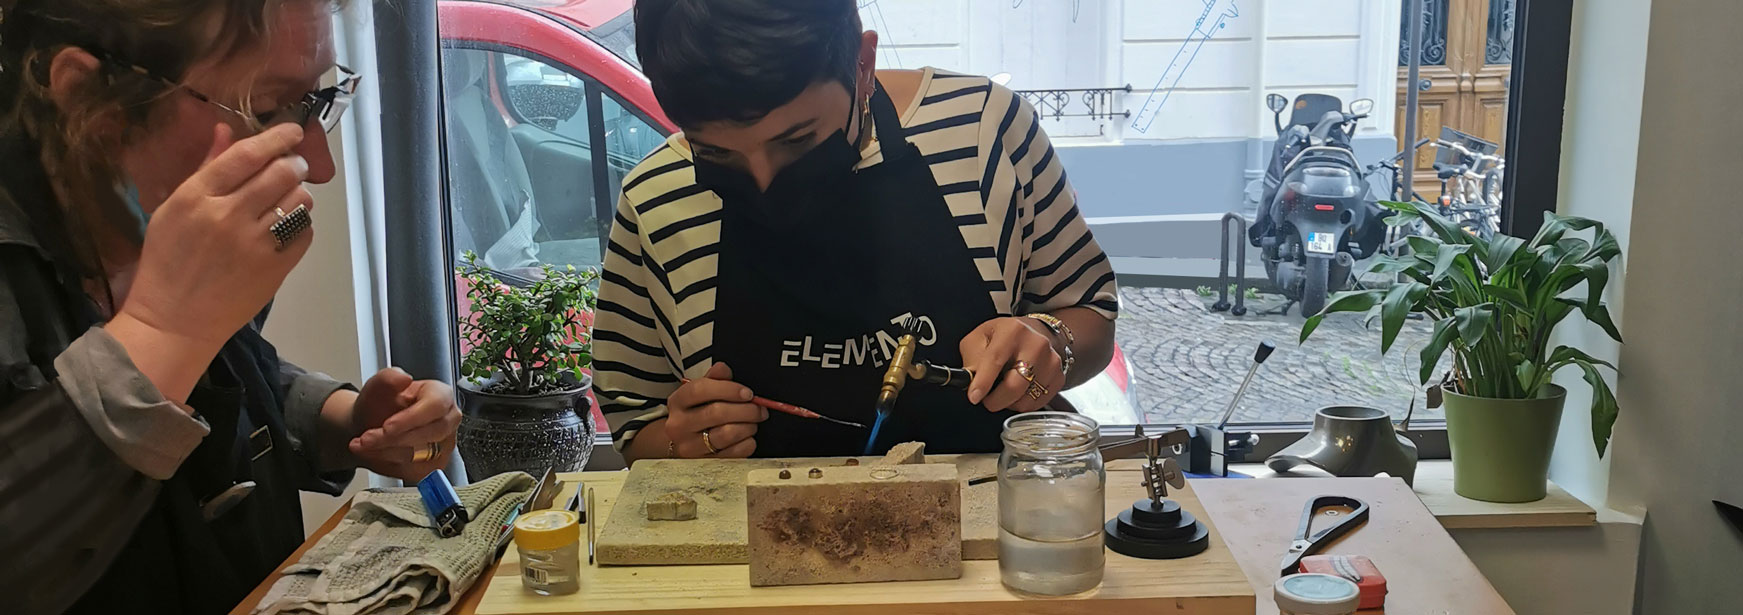 cours bijoux atelier elemento